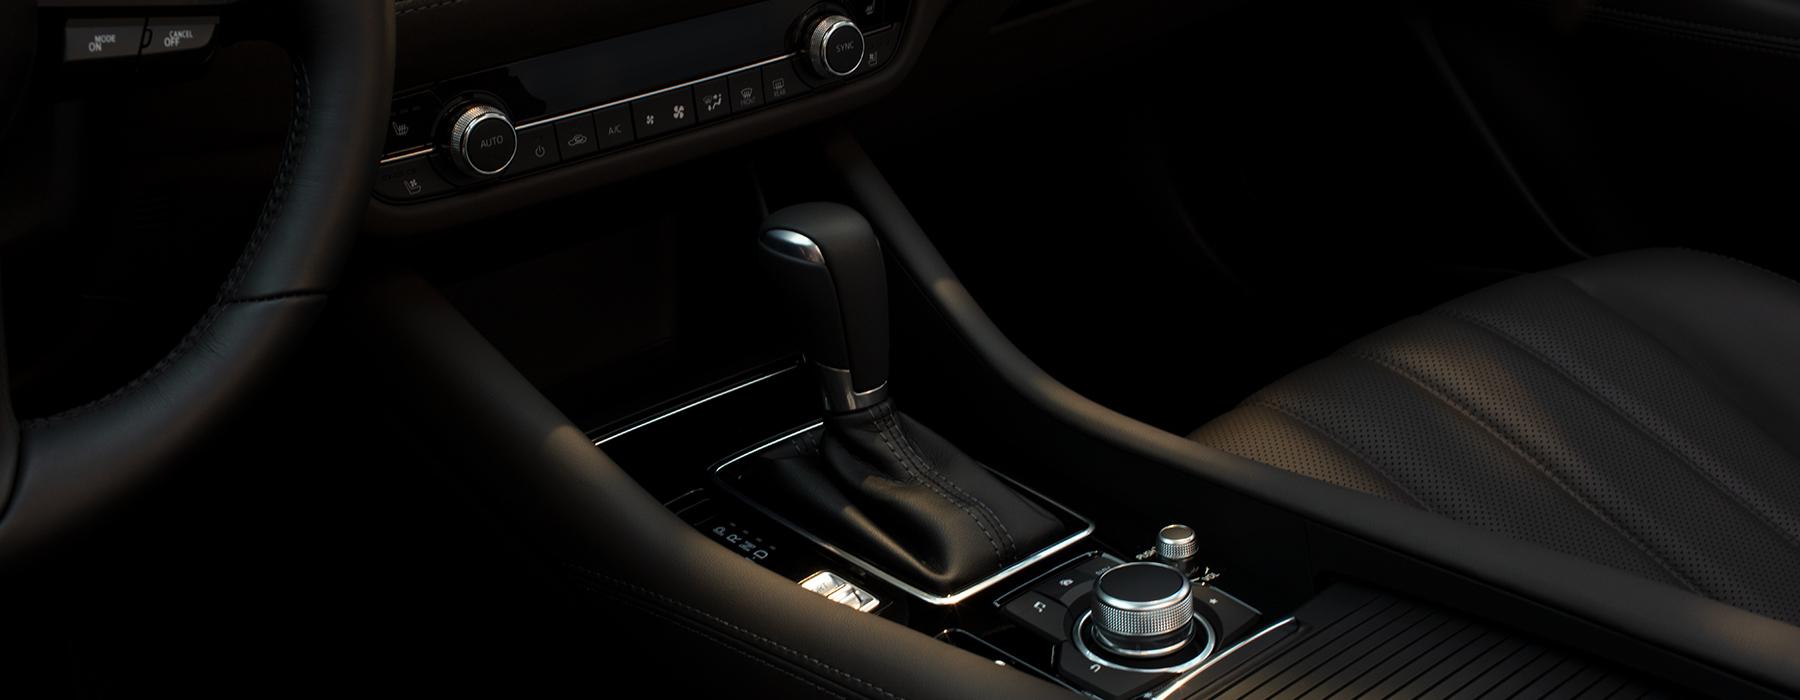 Elegant Detailing in the 2019 Mazda6